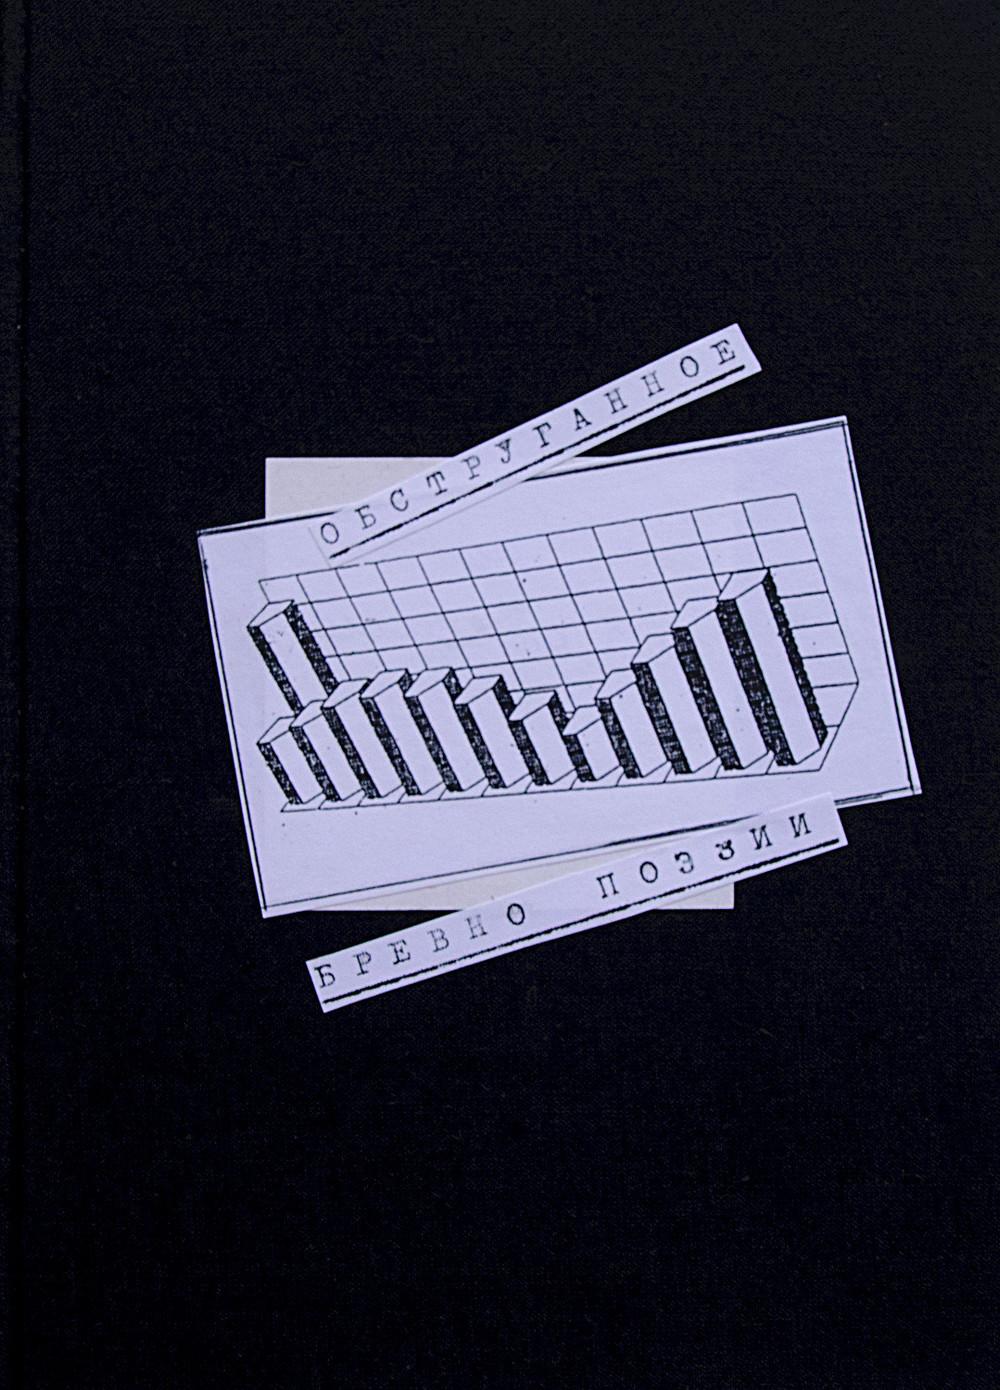 Обструганное бревно поэзии, Р ы Никонова,2nd edition